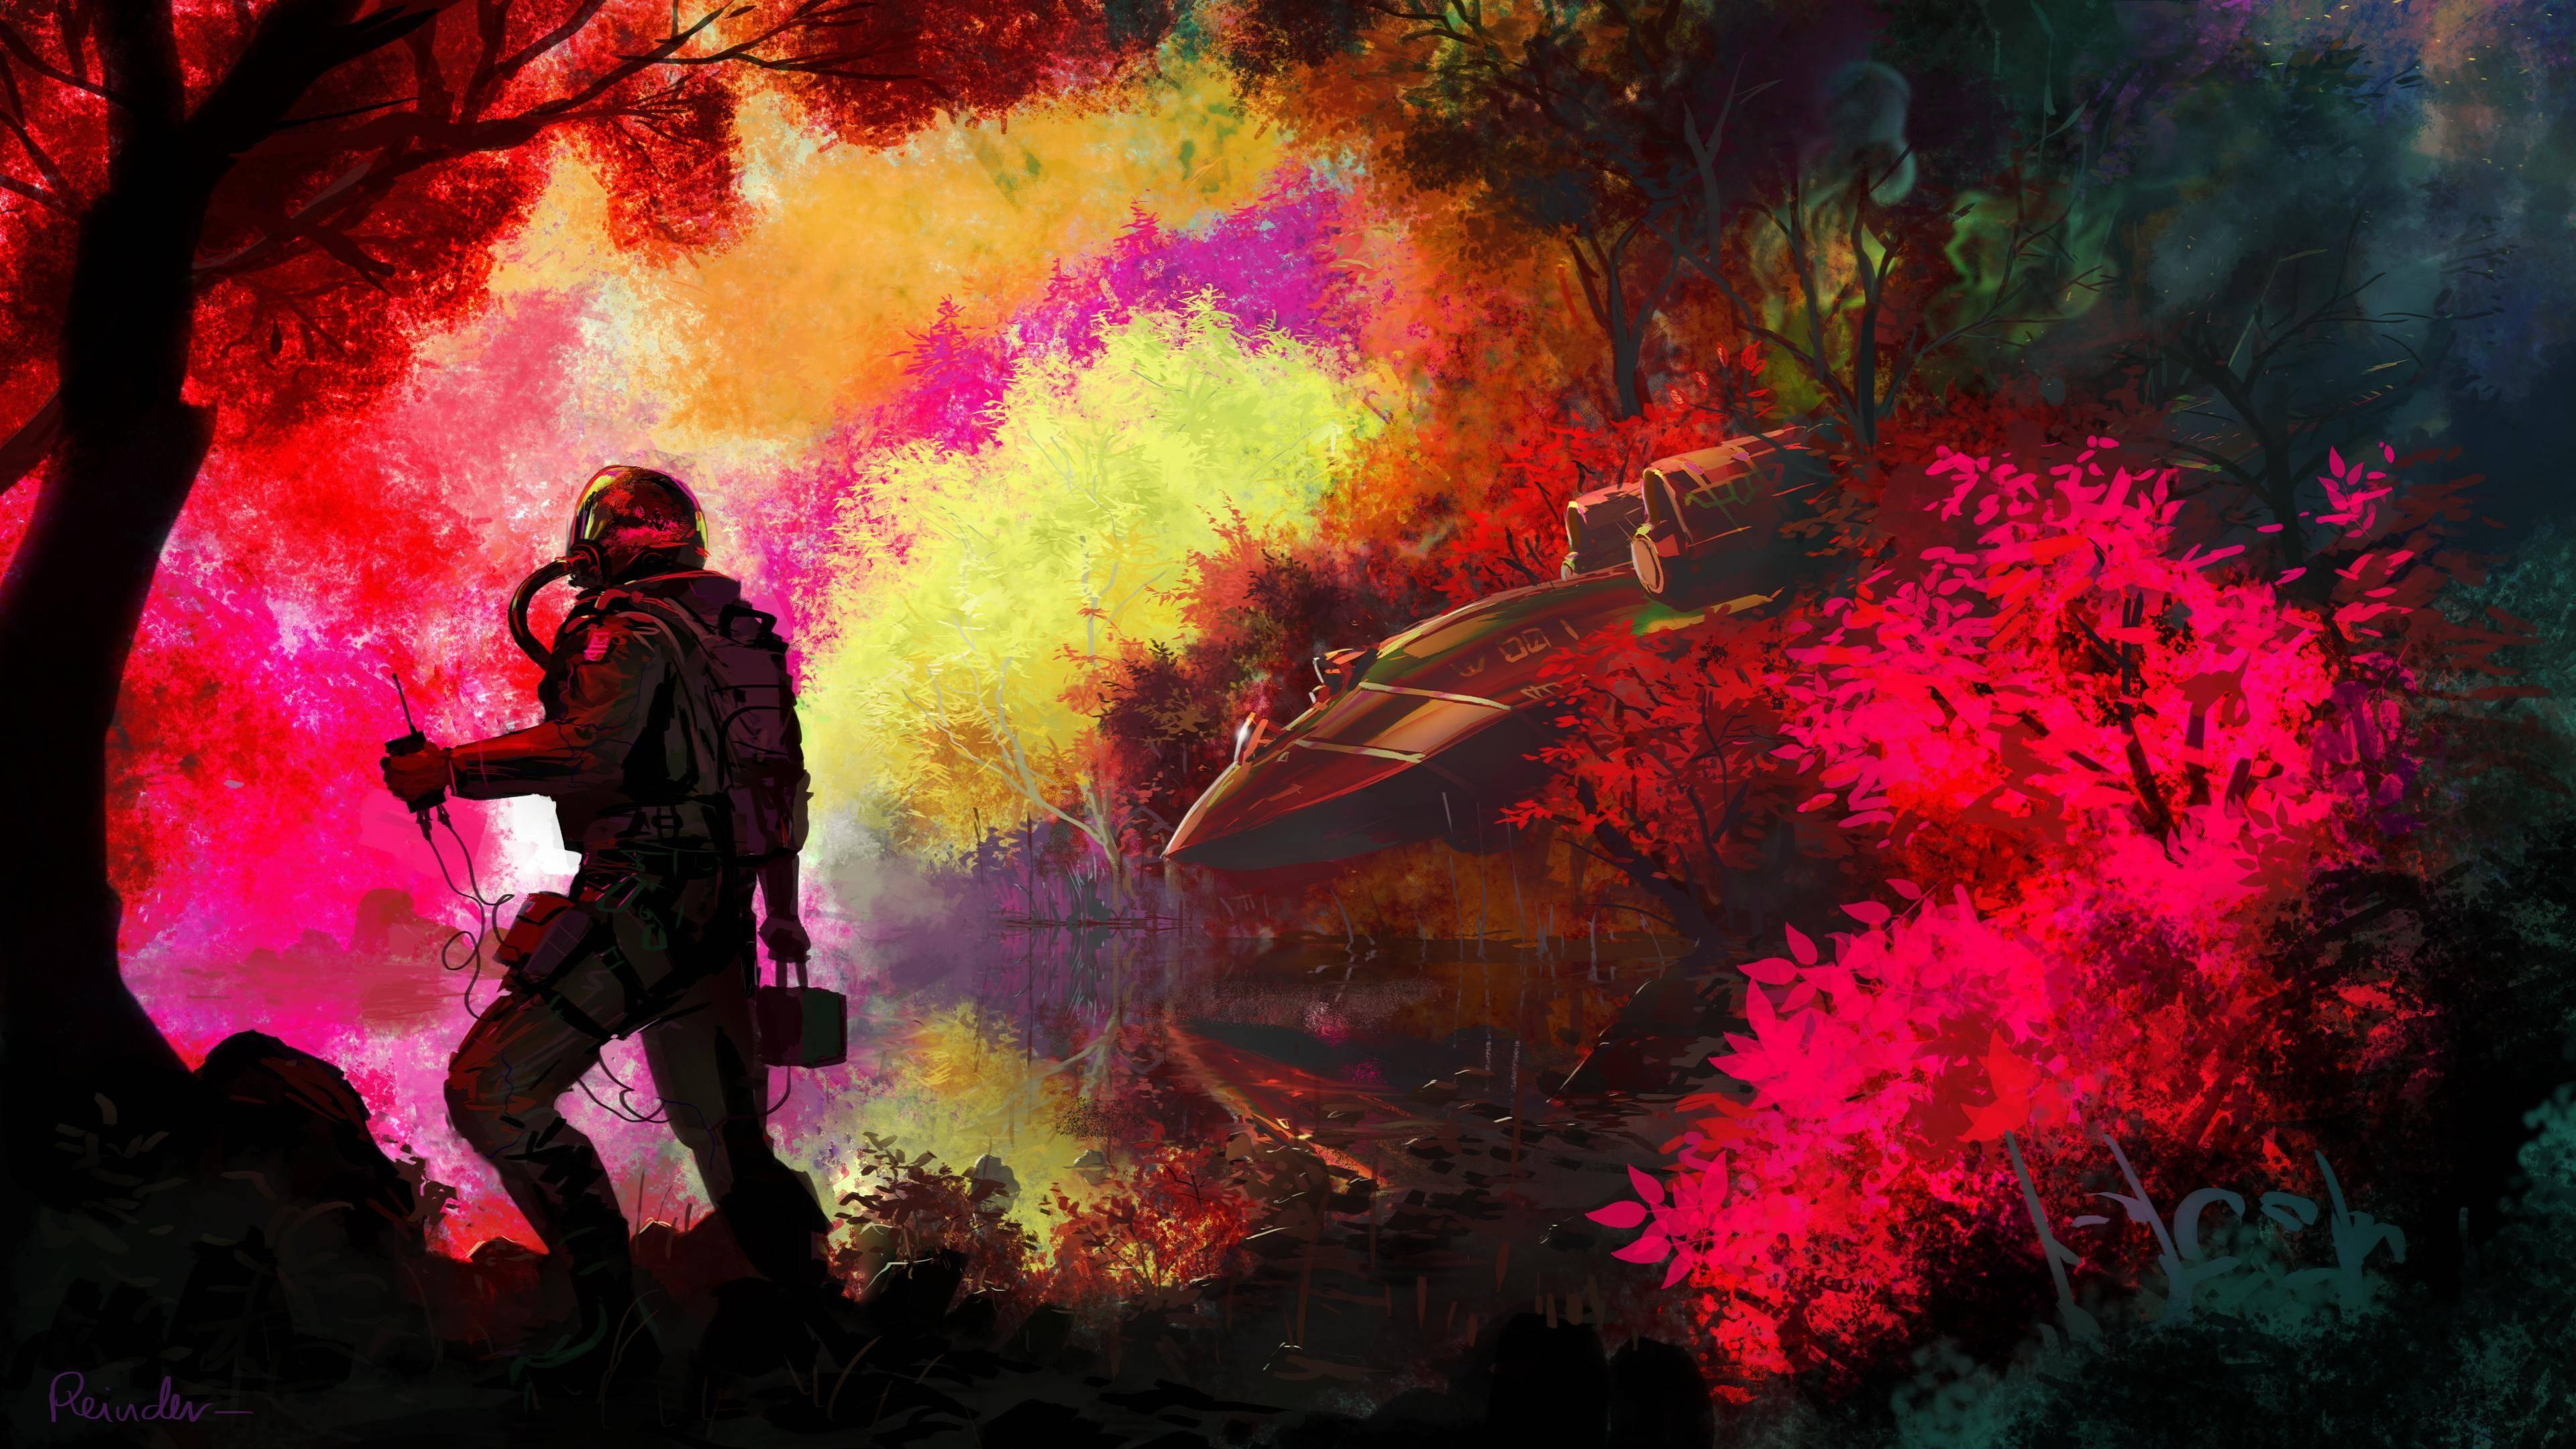 Masaüstü Ağaçlar Renkli Boyama Orman Askeri Uçak Pilot Renk